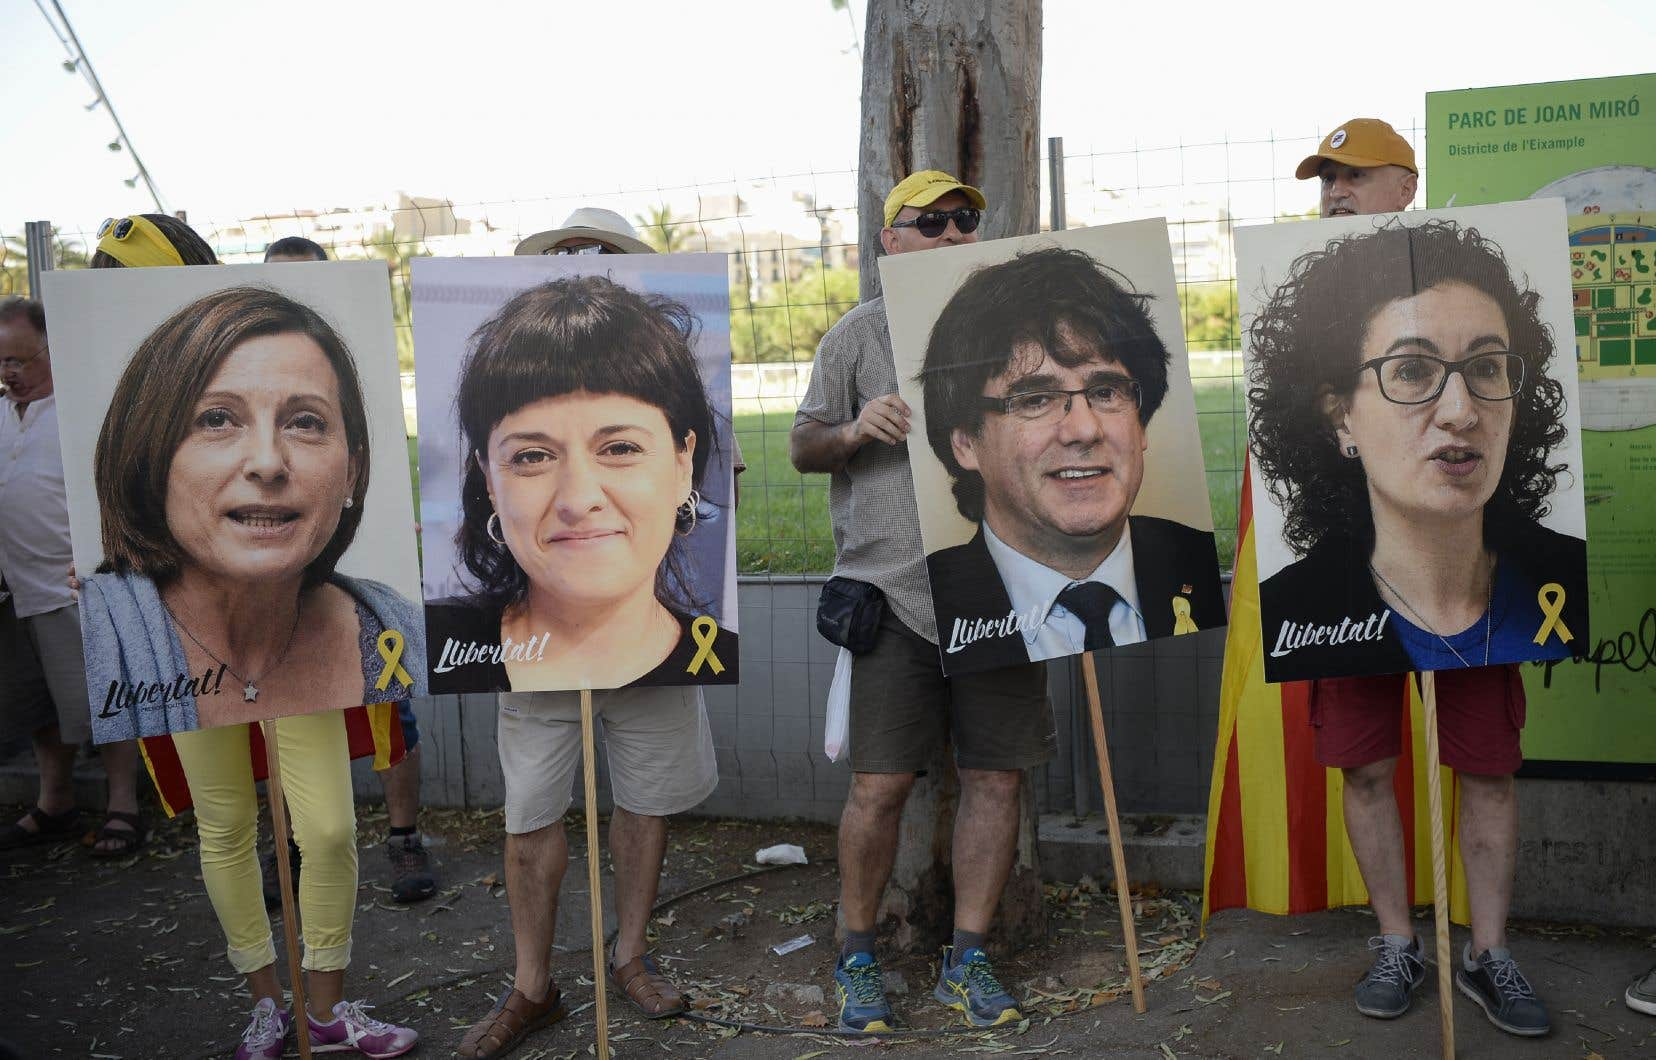 Des personnes brandissent des photos de dirigeants catalans en prison ou en exil lors d'une manifestation de soutien aux dirigeants catalans emprisonnés le 14 juillet 2018 à Barcelone.